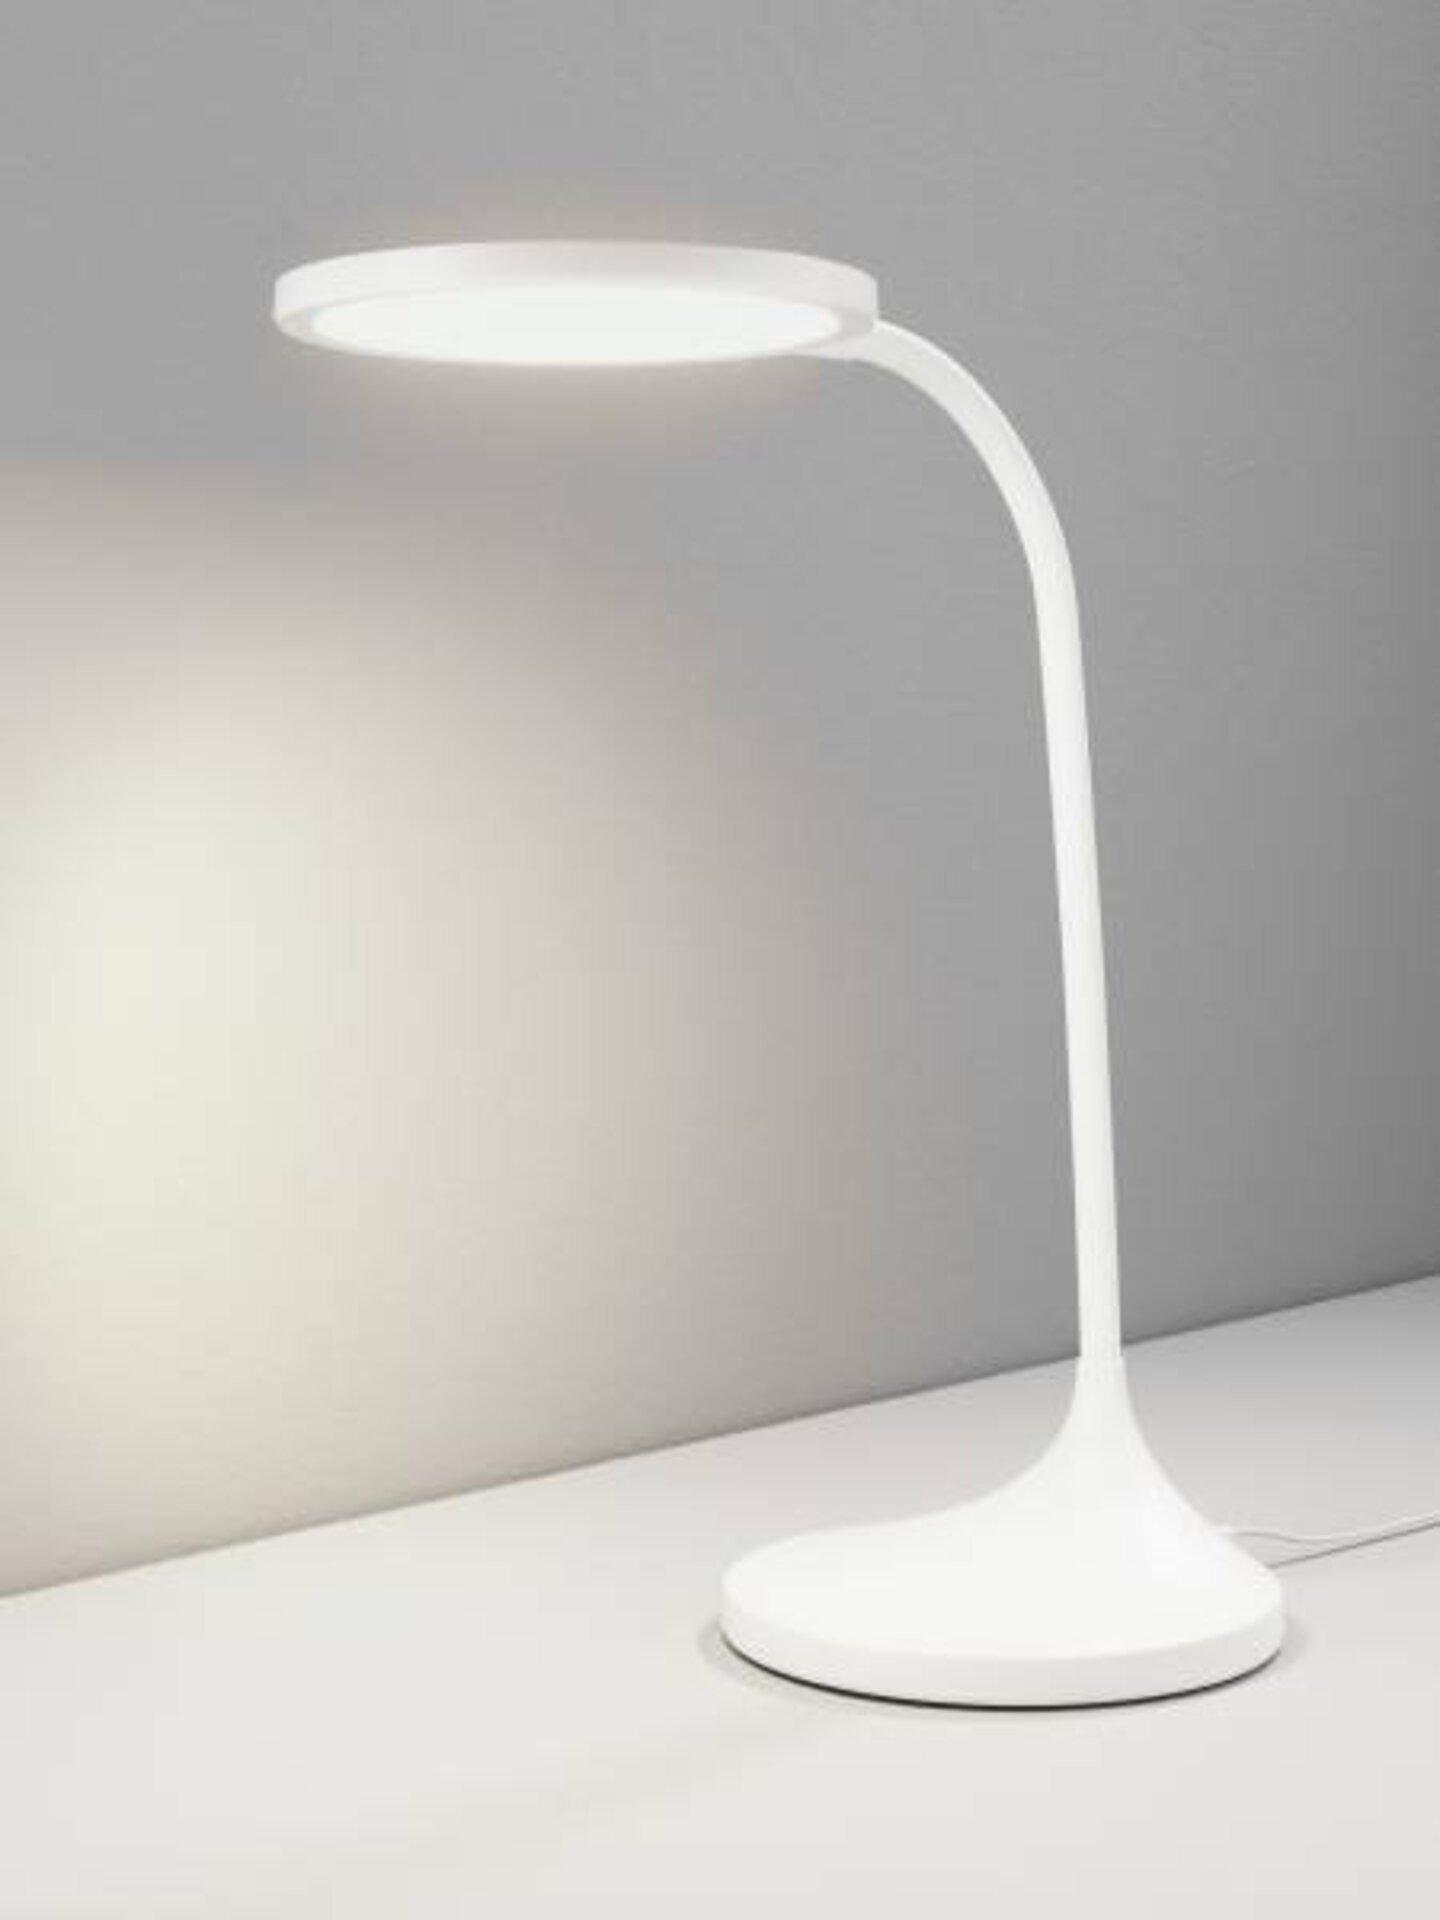 Tischleuchte Bright Casa Nova Kunststoff weiß 16 x 60 x 32 cm